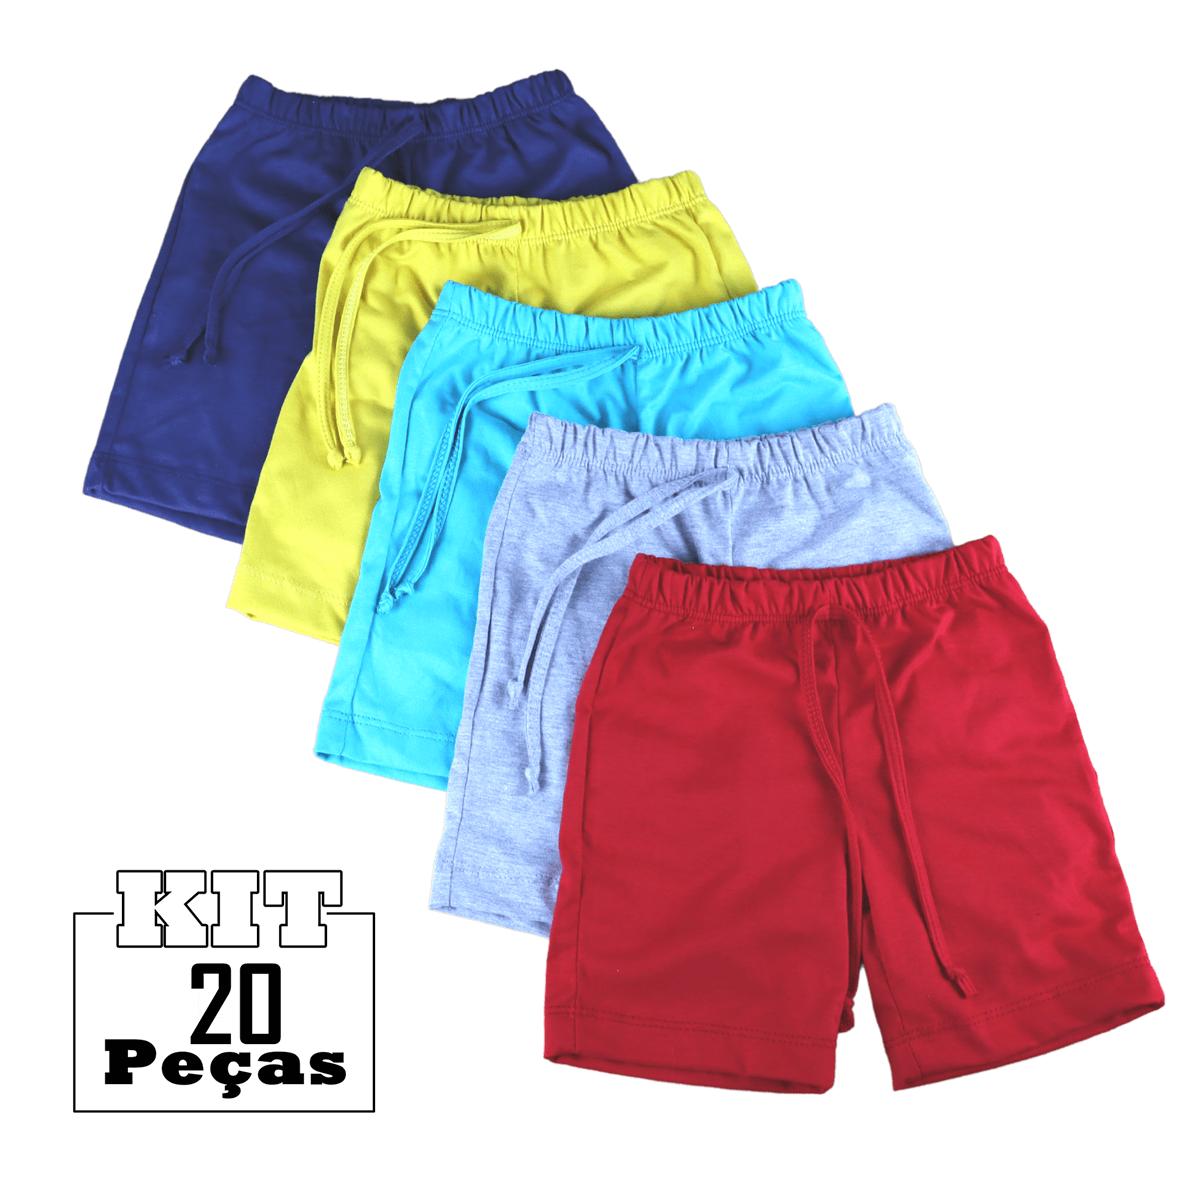 Kit 20 Shorts Bermuda Malha Bebê Menina Menino 100% Algodão